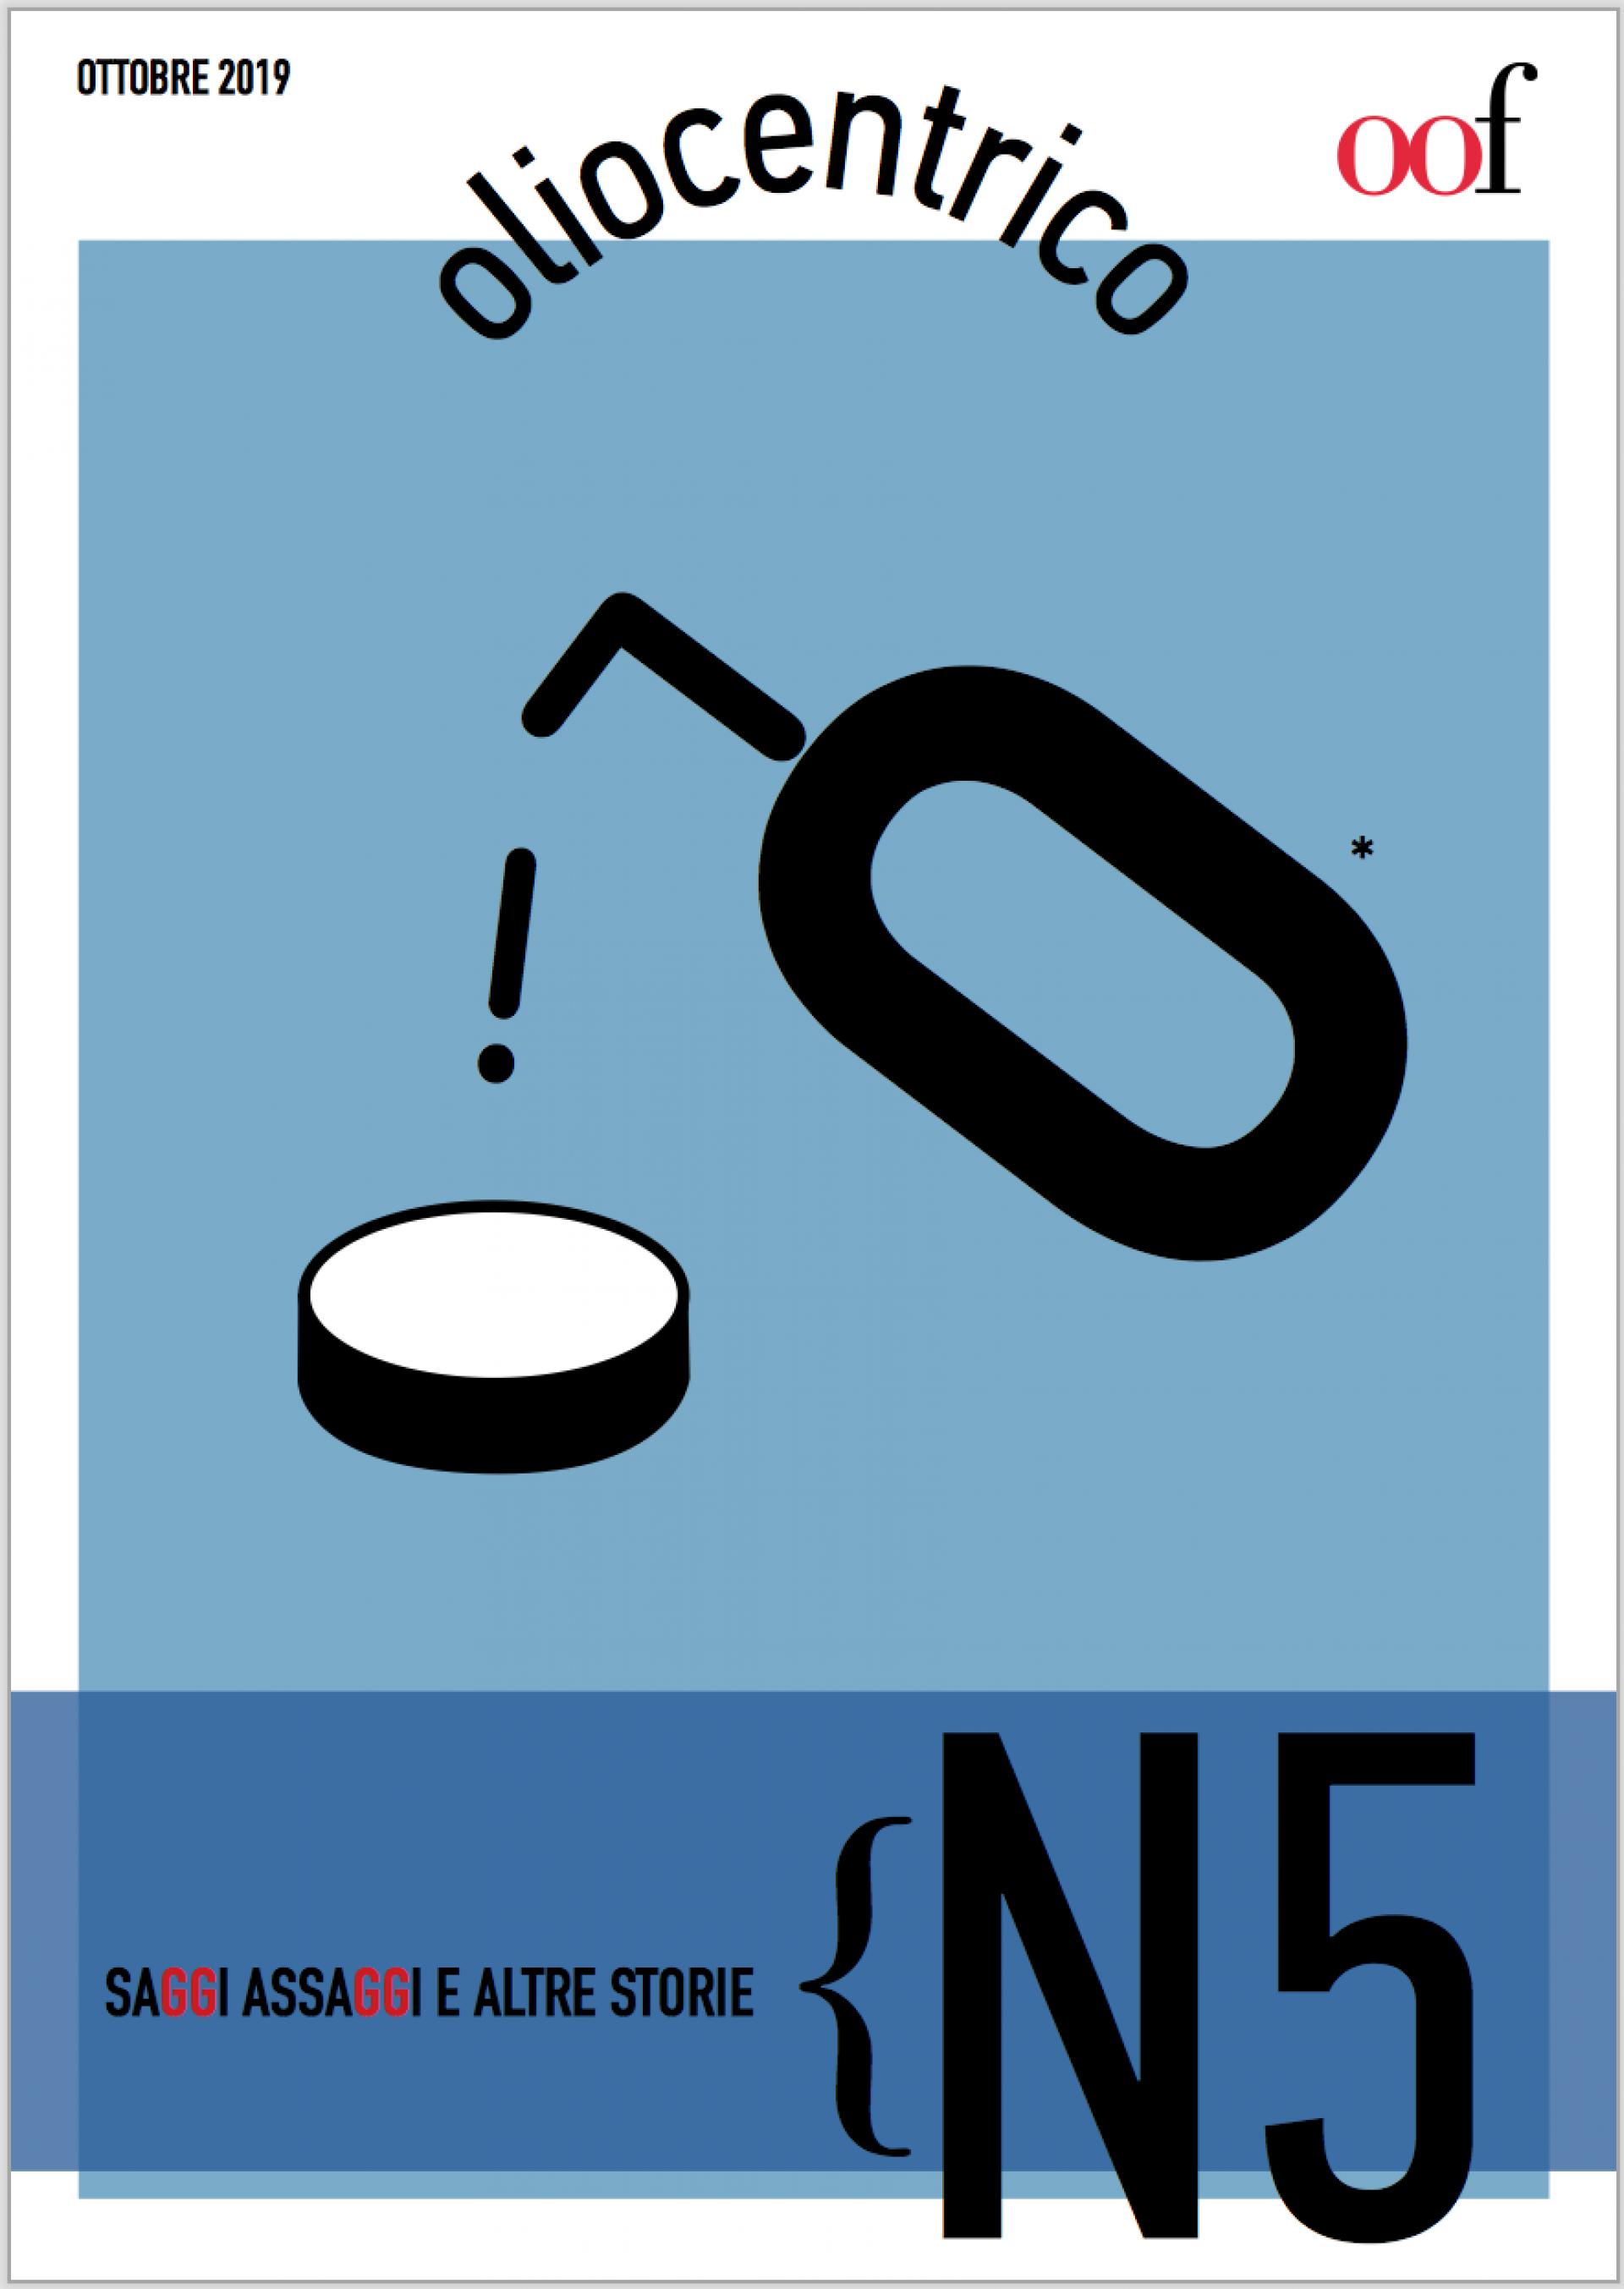 Oliocentrico N. 5